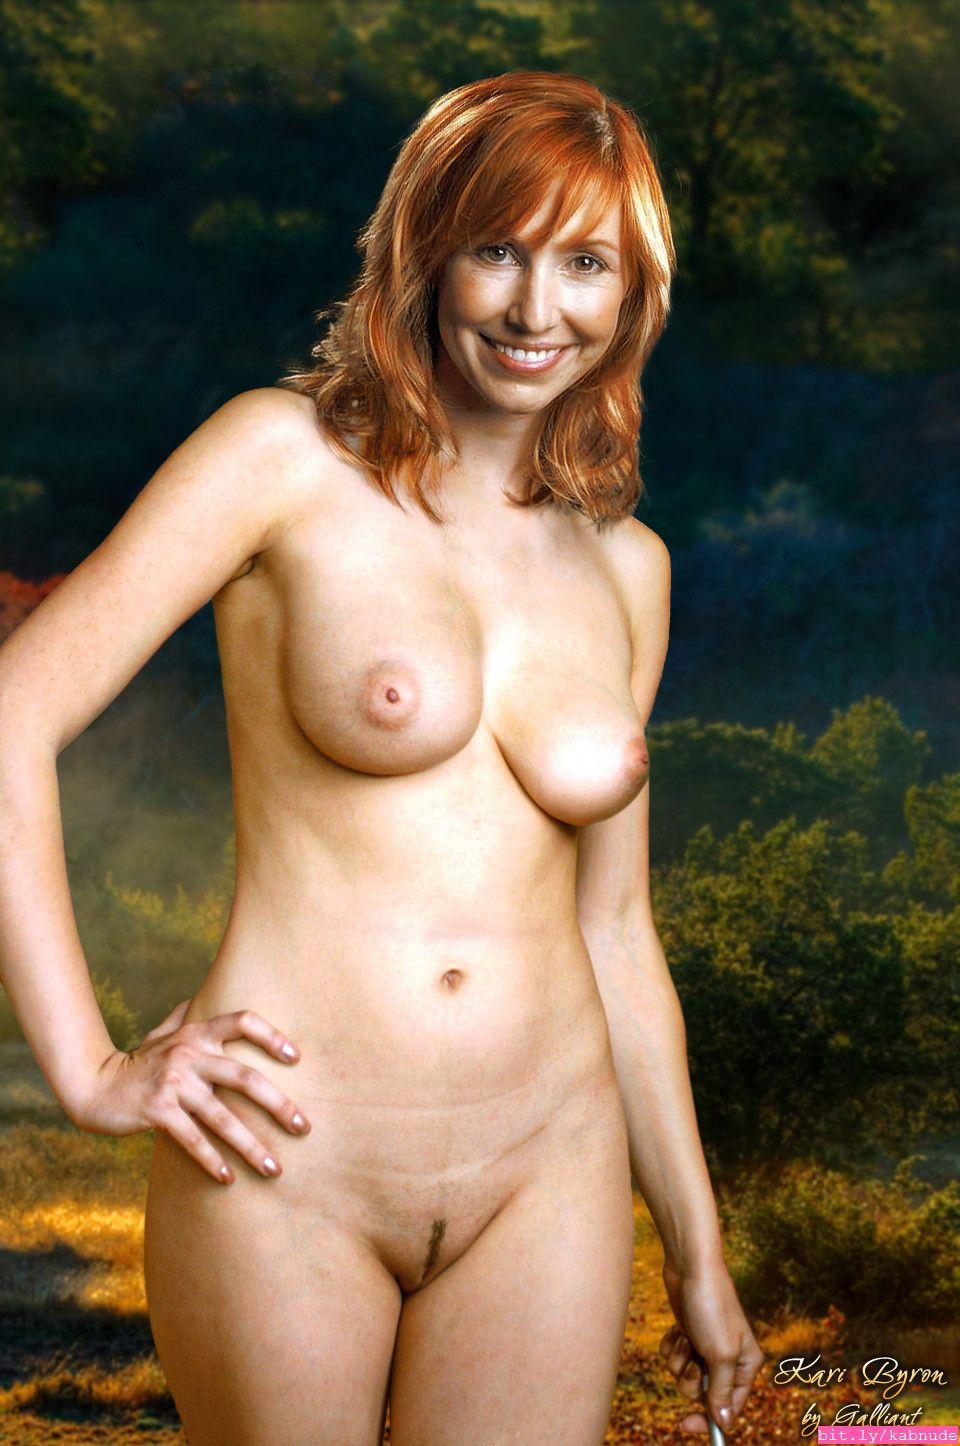 Kari byron naked real 9